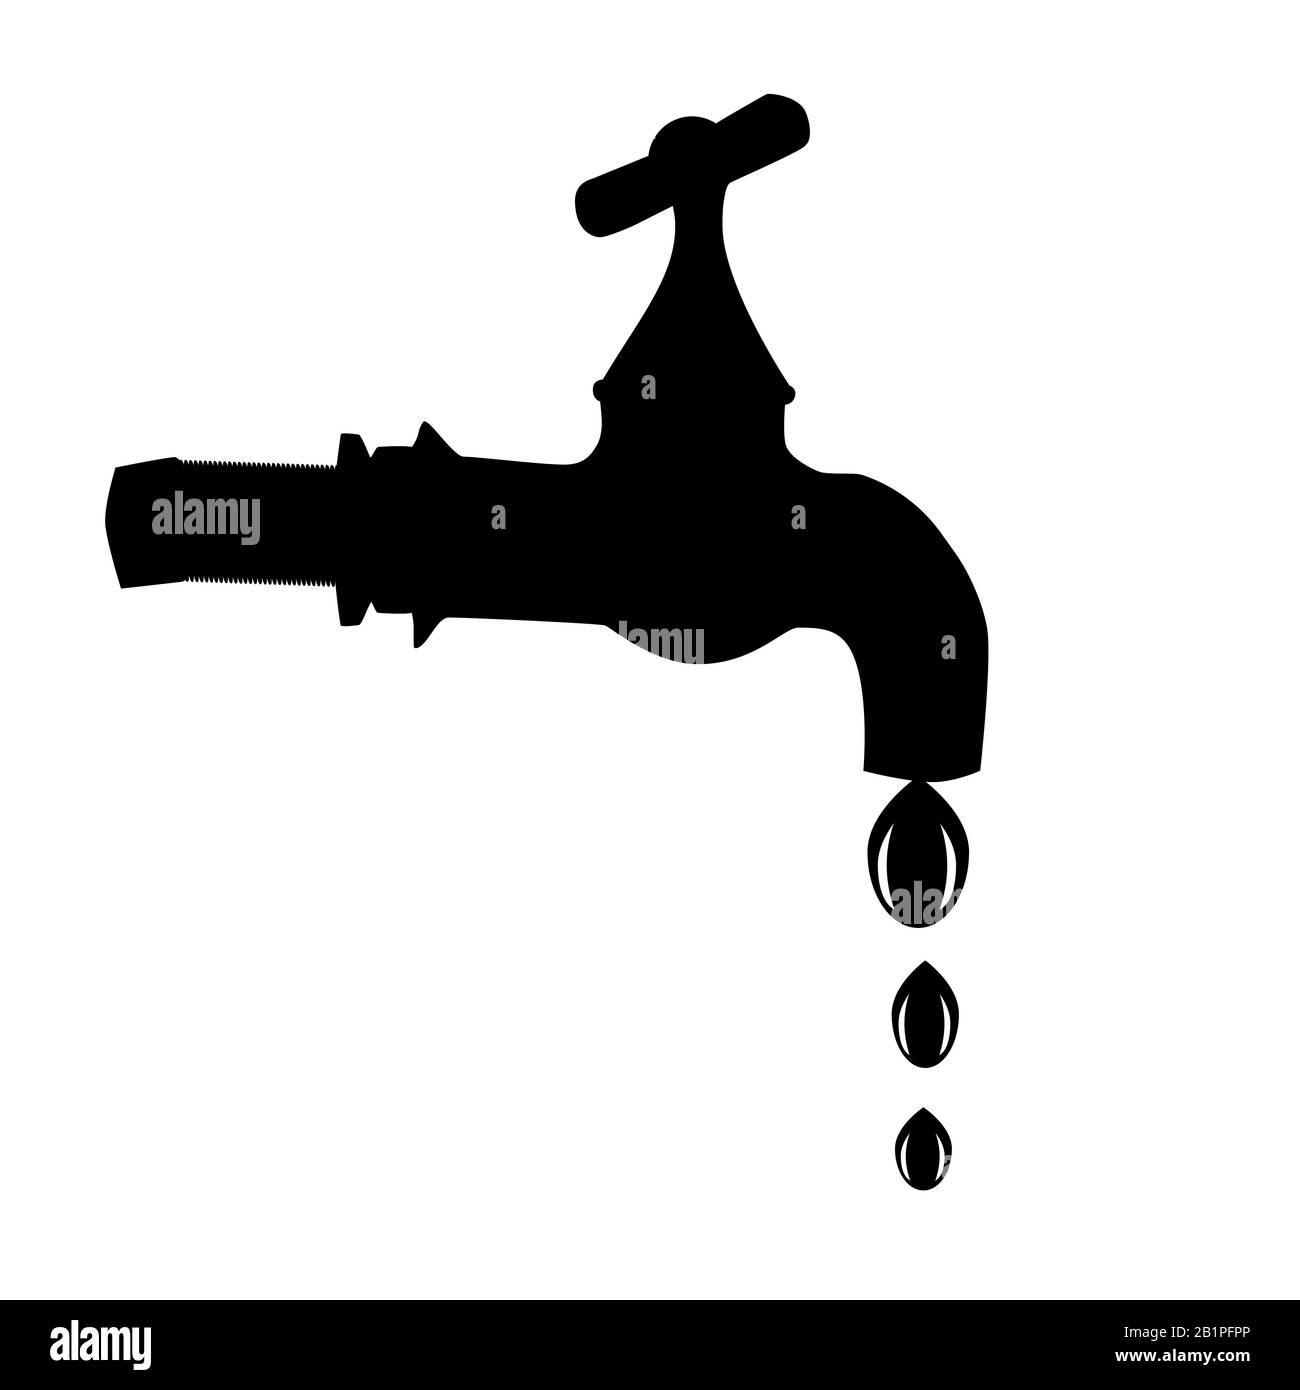 Toque el icono aislado sobre fondo blanco. Logotipo de la llave de paso de  agua. Grifo goteando silueta de señal negra. Símbolo de llave para diseño  de logotipo, aplicación, UI.Stock vector Imagen